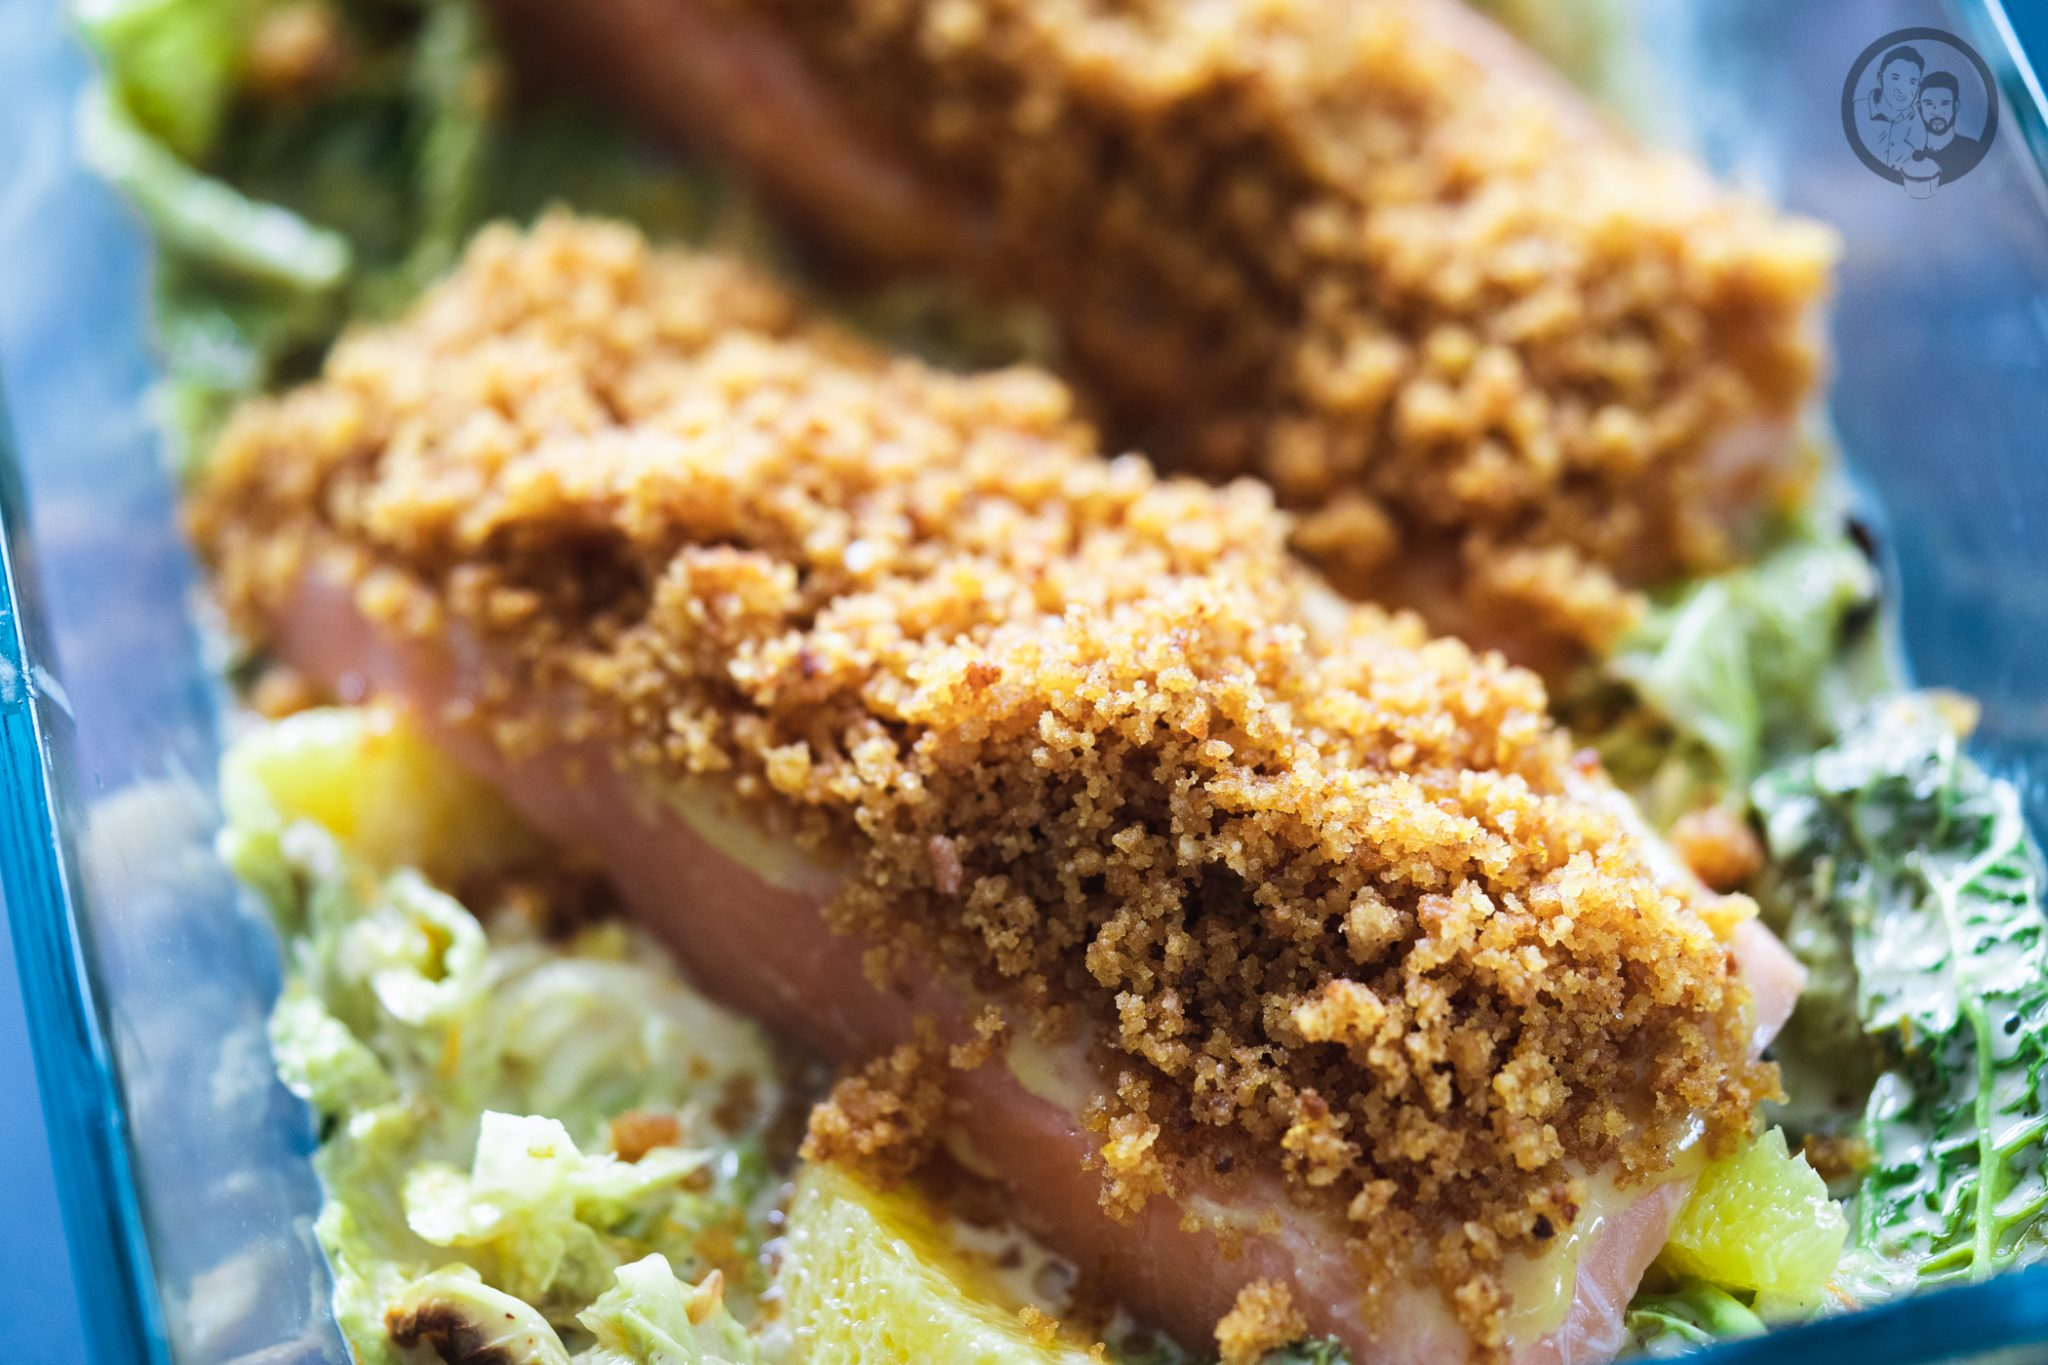 Lachs mit Lebkuchenkruste 4 | Wenn es um Fisch oder Meeresfrüchte geht, sind wir beide ja immer mit dabei. Wir mögen so gut wie jede Zubereitungsart. Ob gedämpft, gegrillt oder im Ofen gebacken. Daher freuen wir uns immer wieder sehr darüber, wenn wir ein neues Fischrezept vorstellen können. Heute geht es bei uns um ein leckeres Lachsfilet.